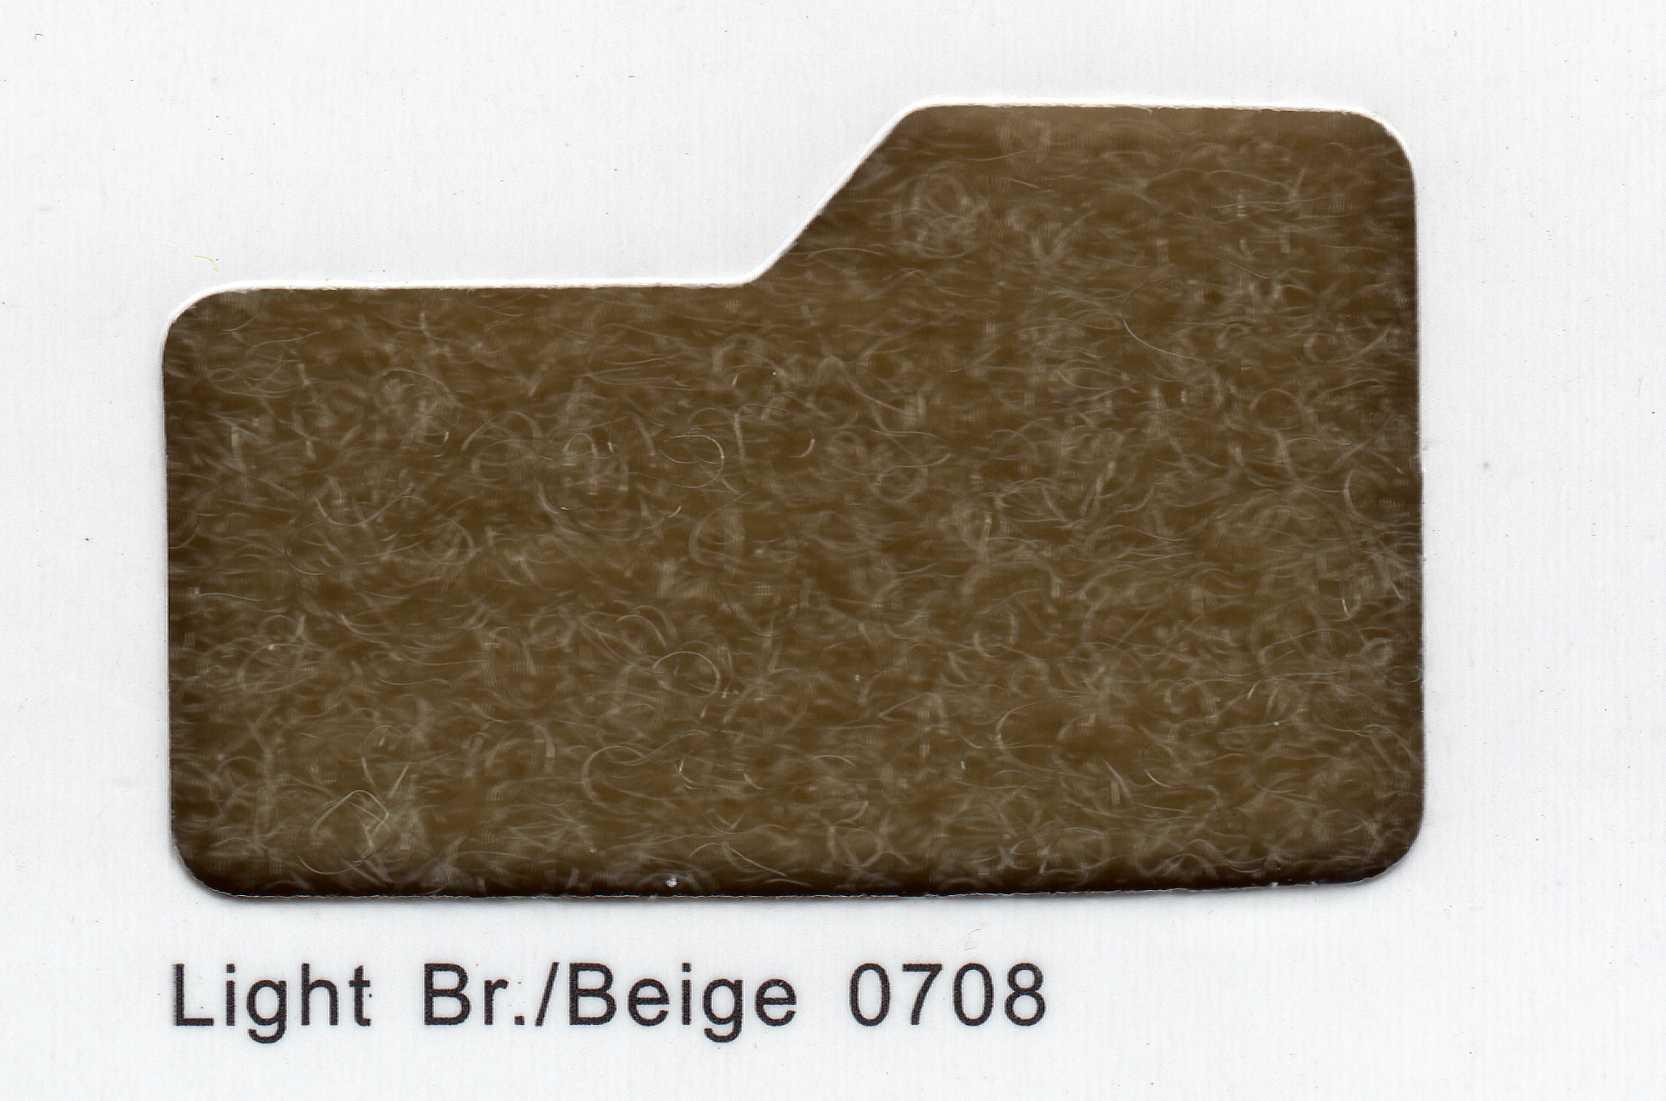 Cinta de cierre Velcro-Veraco 38mm Beige 0708 (Gancho).